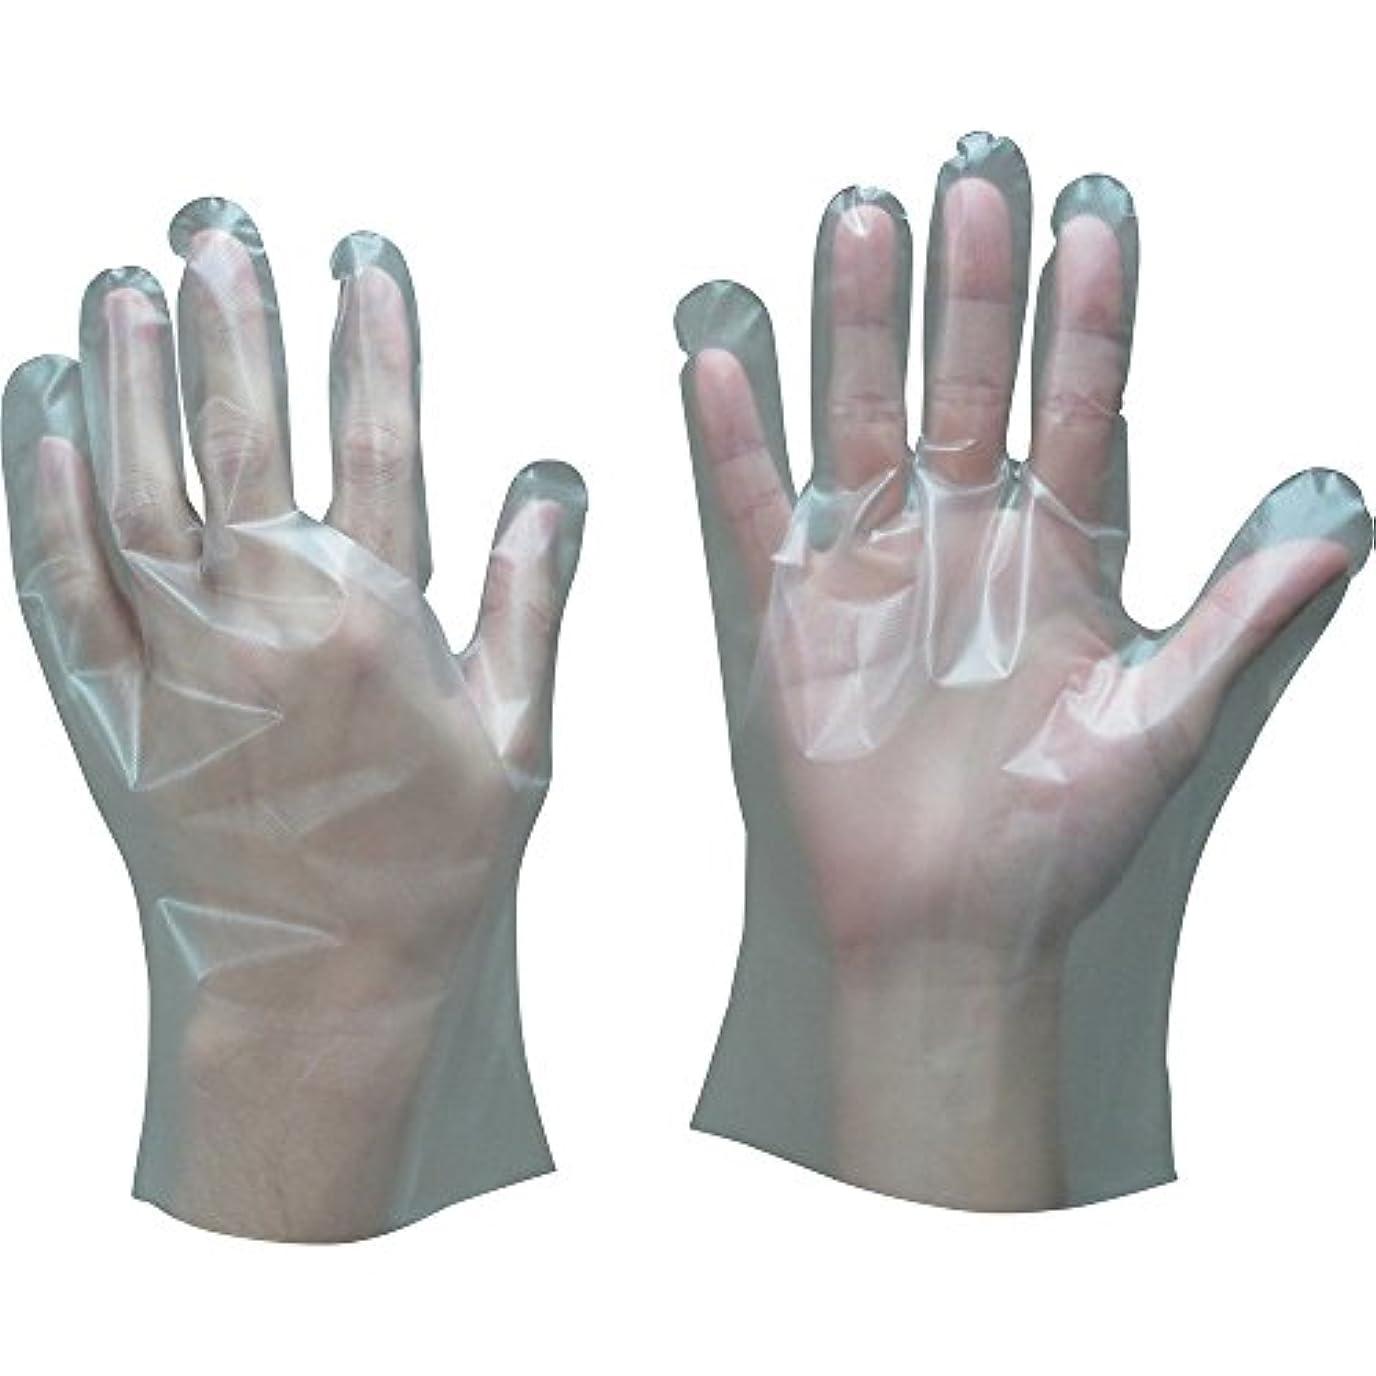 霜汚物権限を与える東和コーポレーション ポリエチレン手袋 100枚入